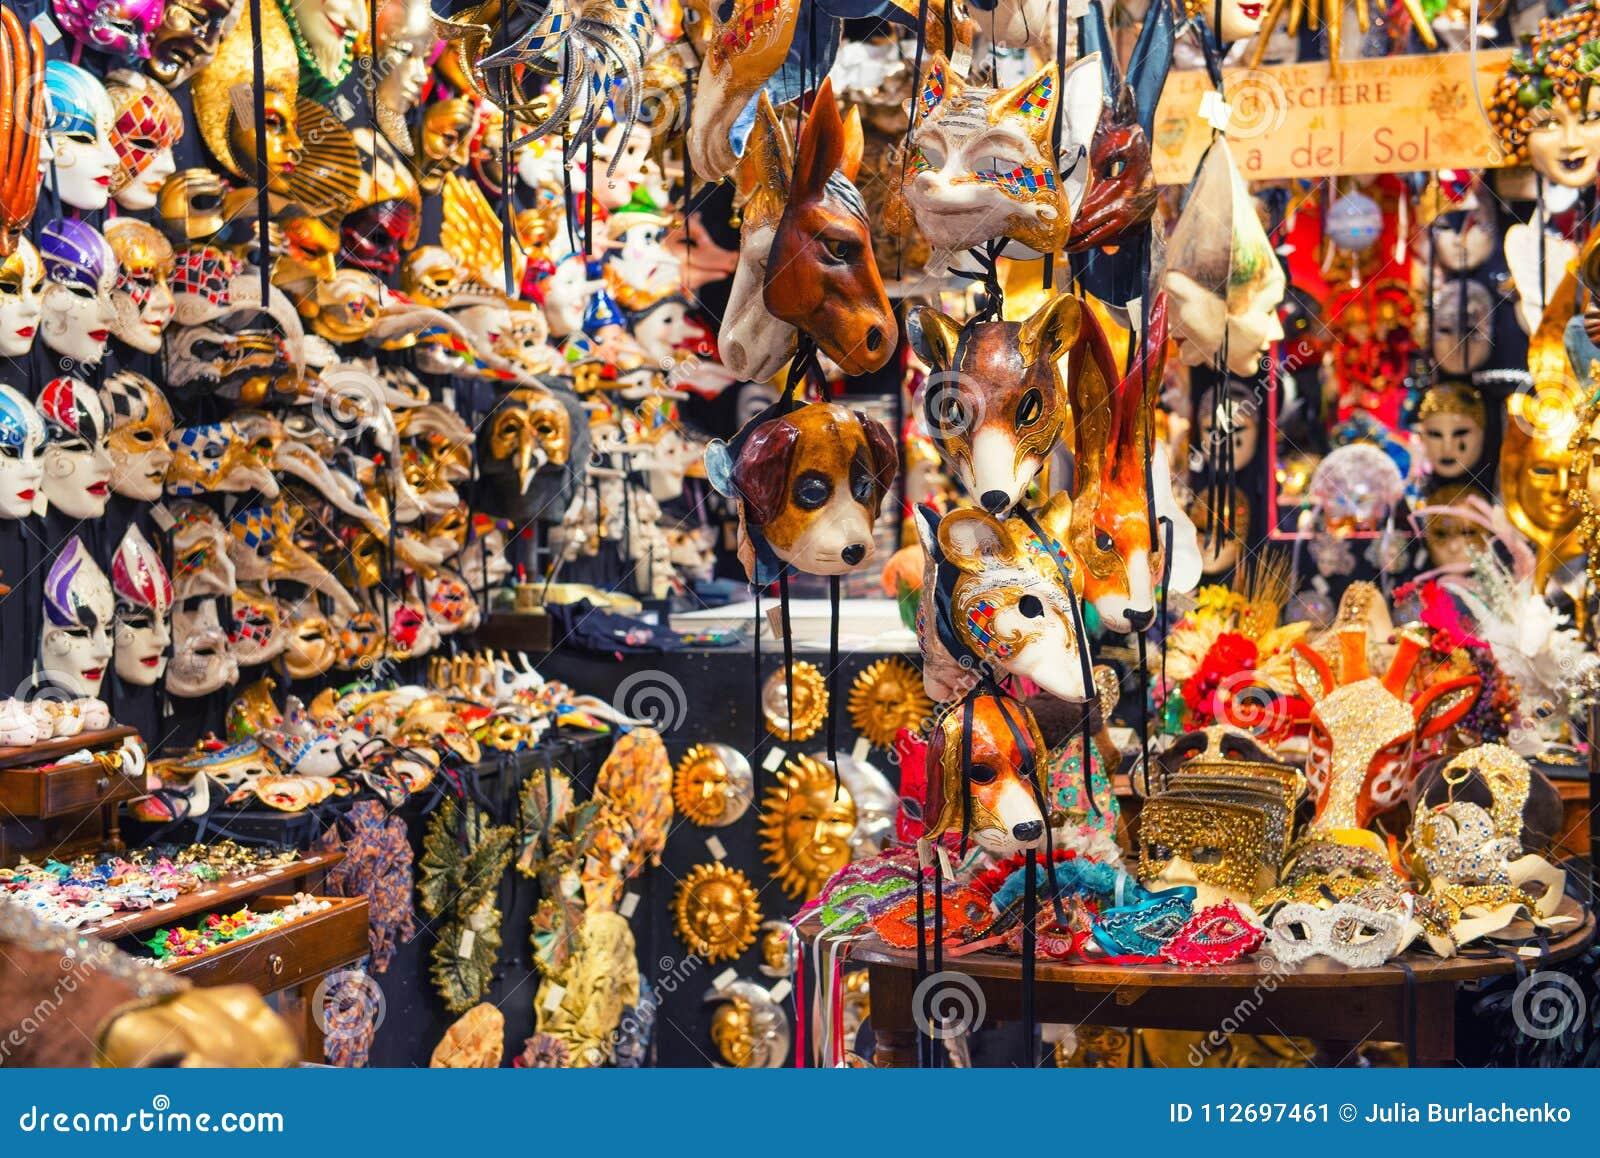 25 04 2017 Venezia, Italia Dentro un negozio tradizionale della maschera in Veni